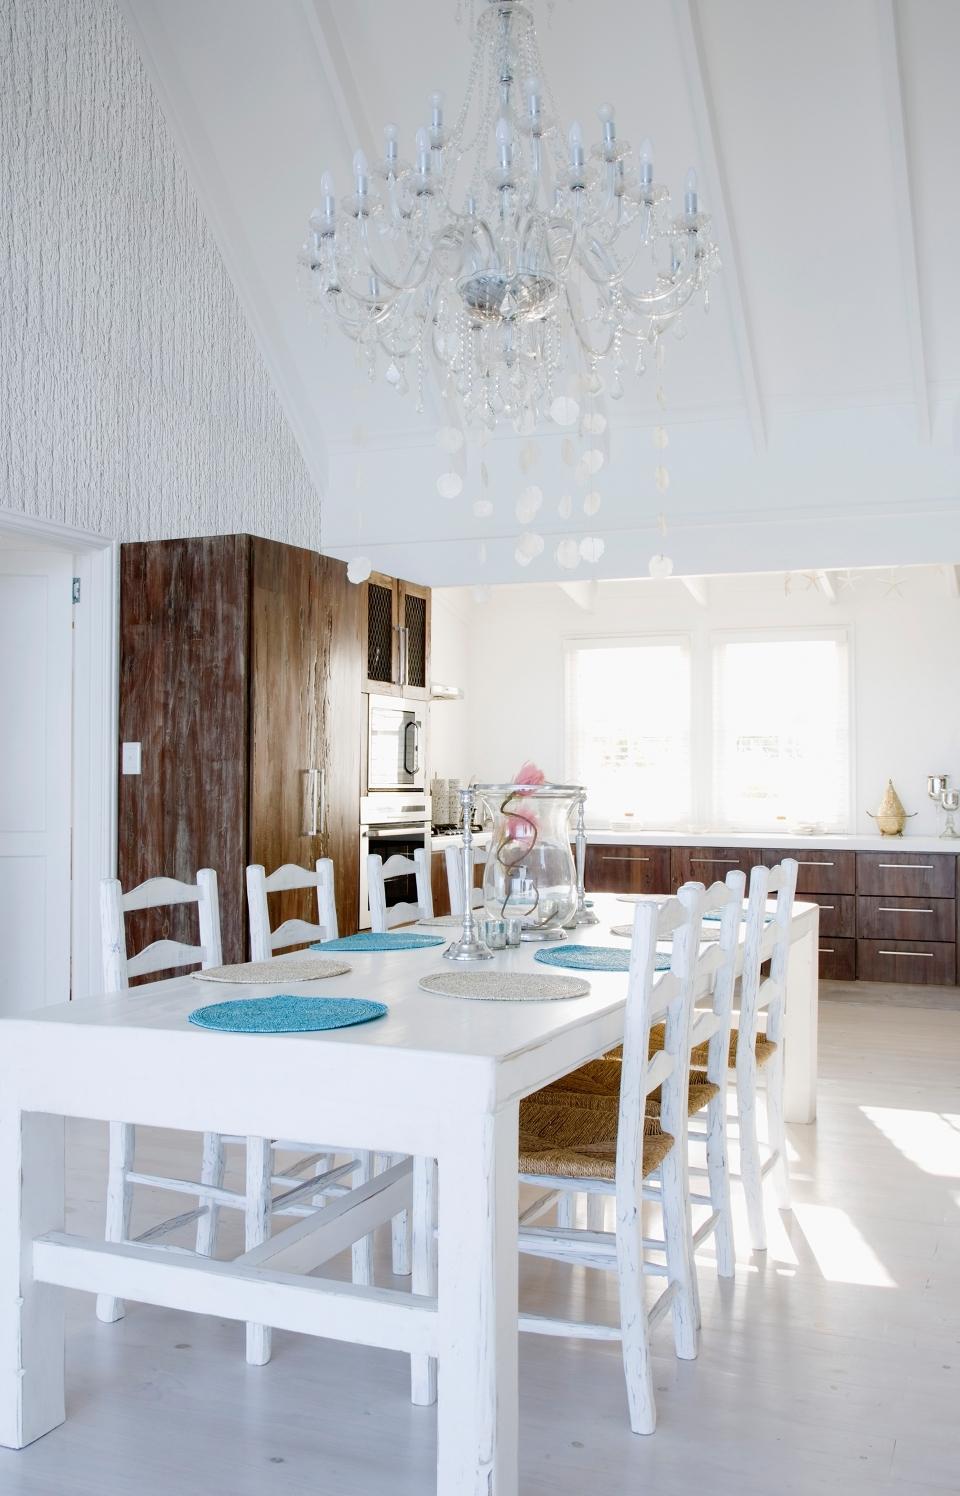 Hier unterstreichen strukturierte Wände und helle Farben von Sto den luftigen Landhausstil.